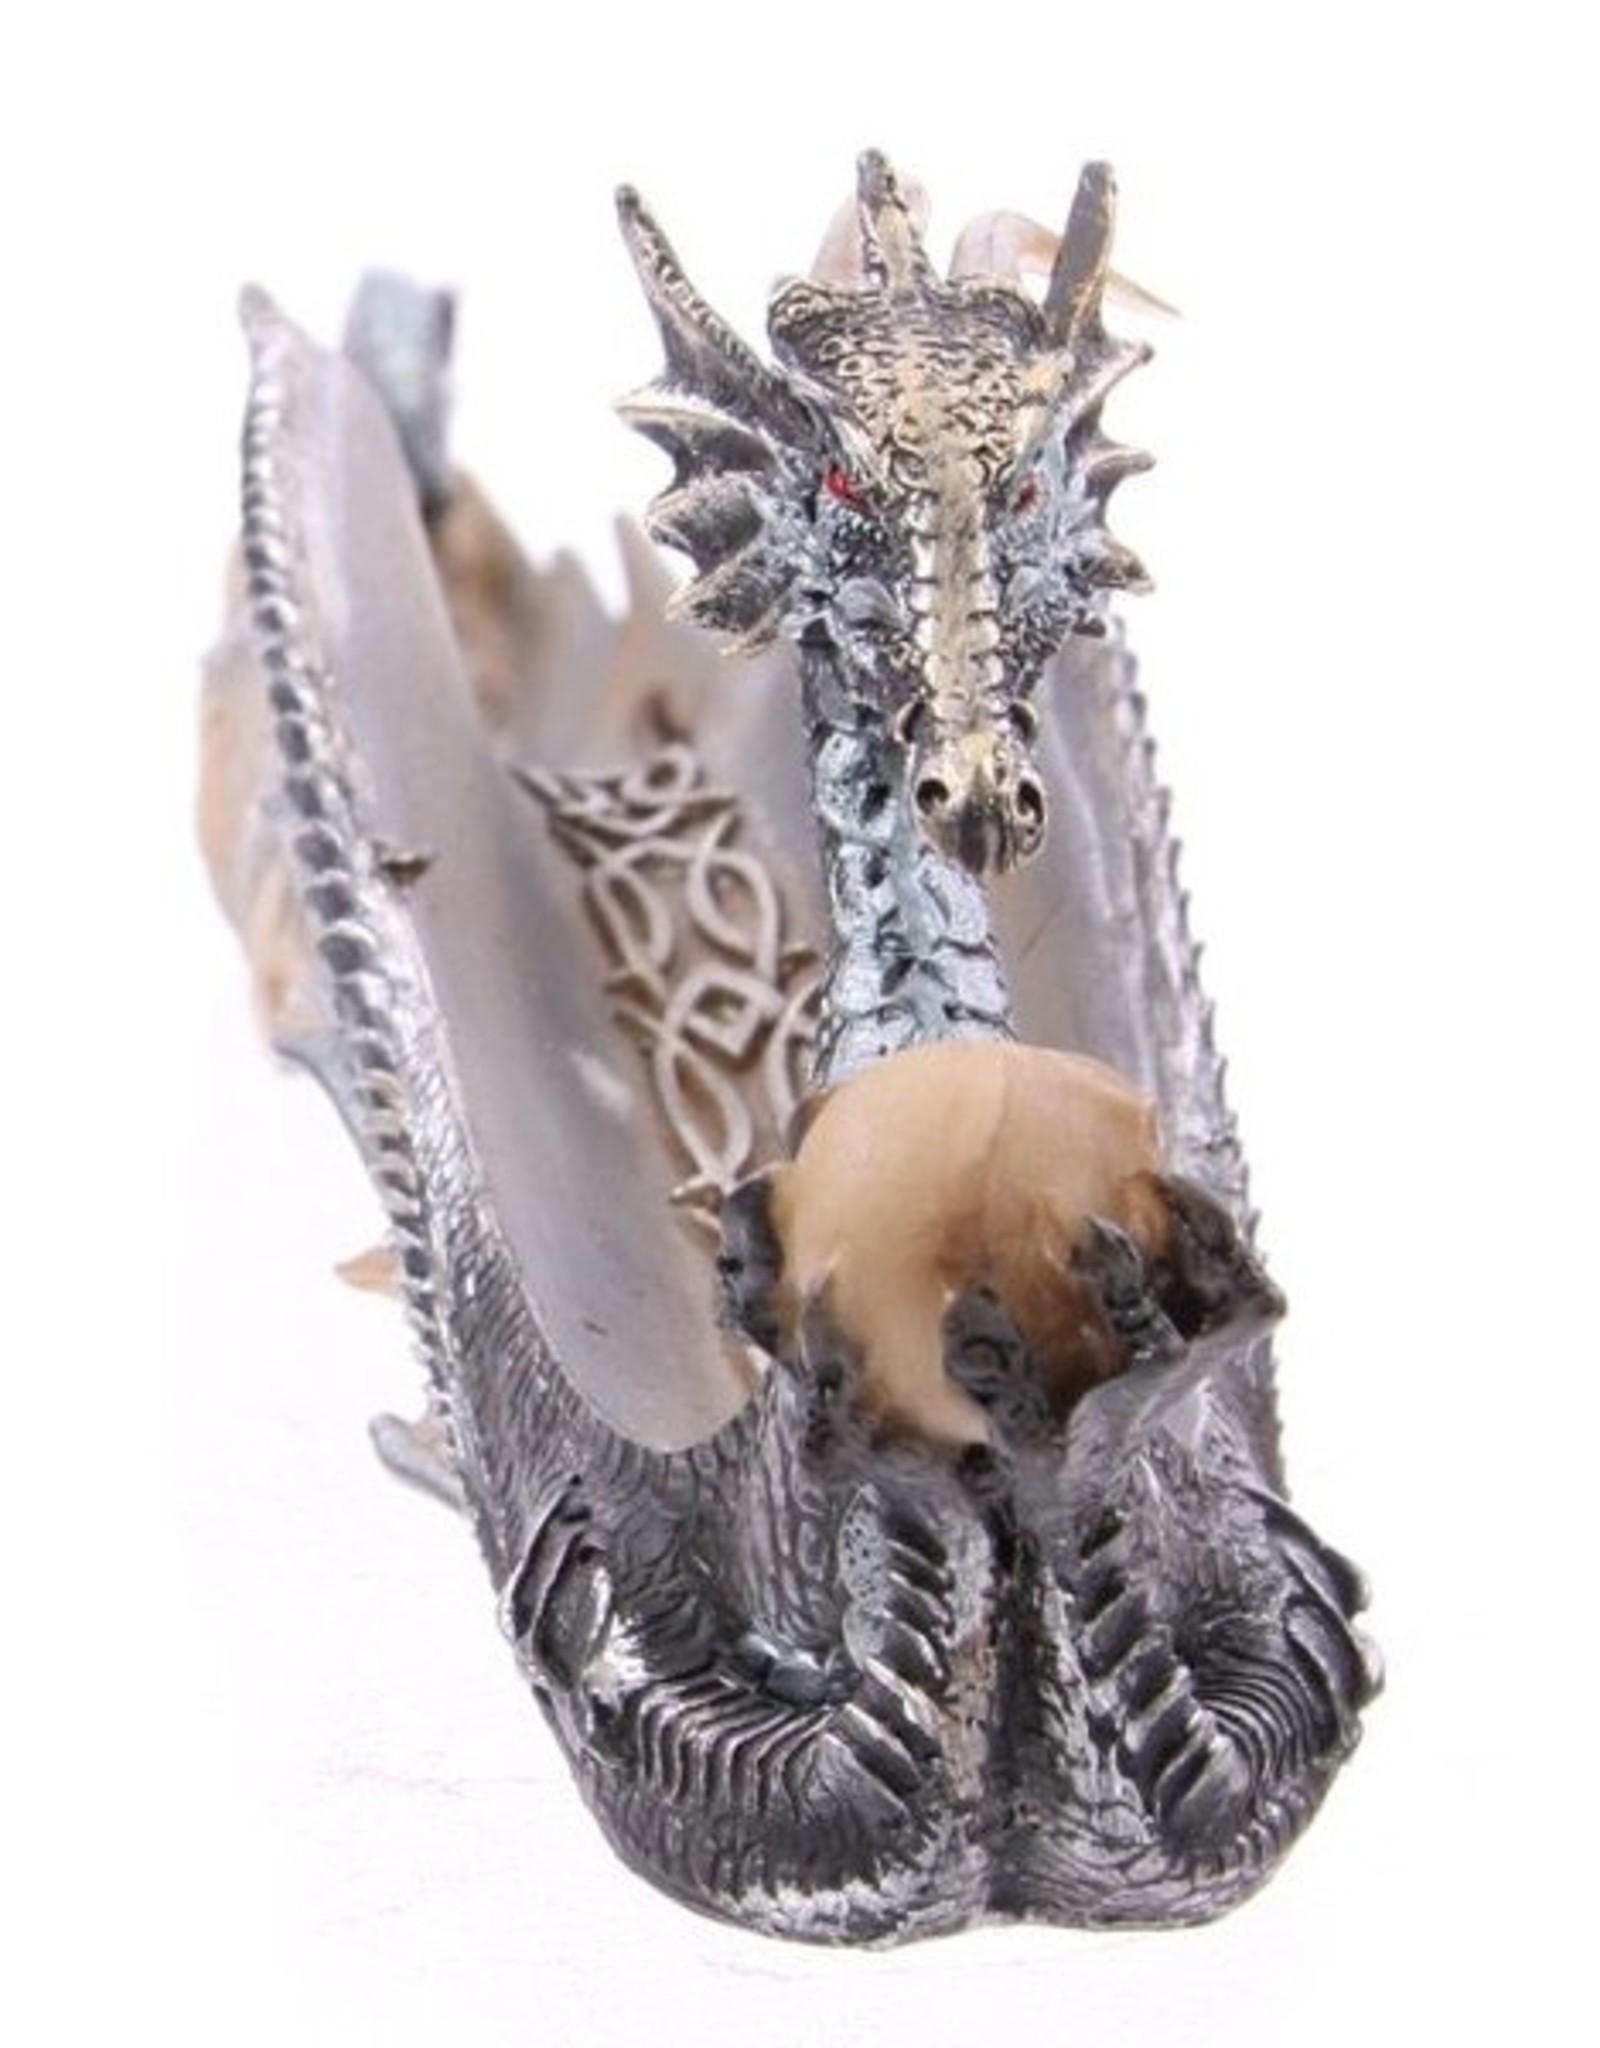 Shiny dragon Giftware Beelden Collectables  - Glinsterende draak wierookhouder